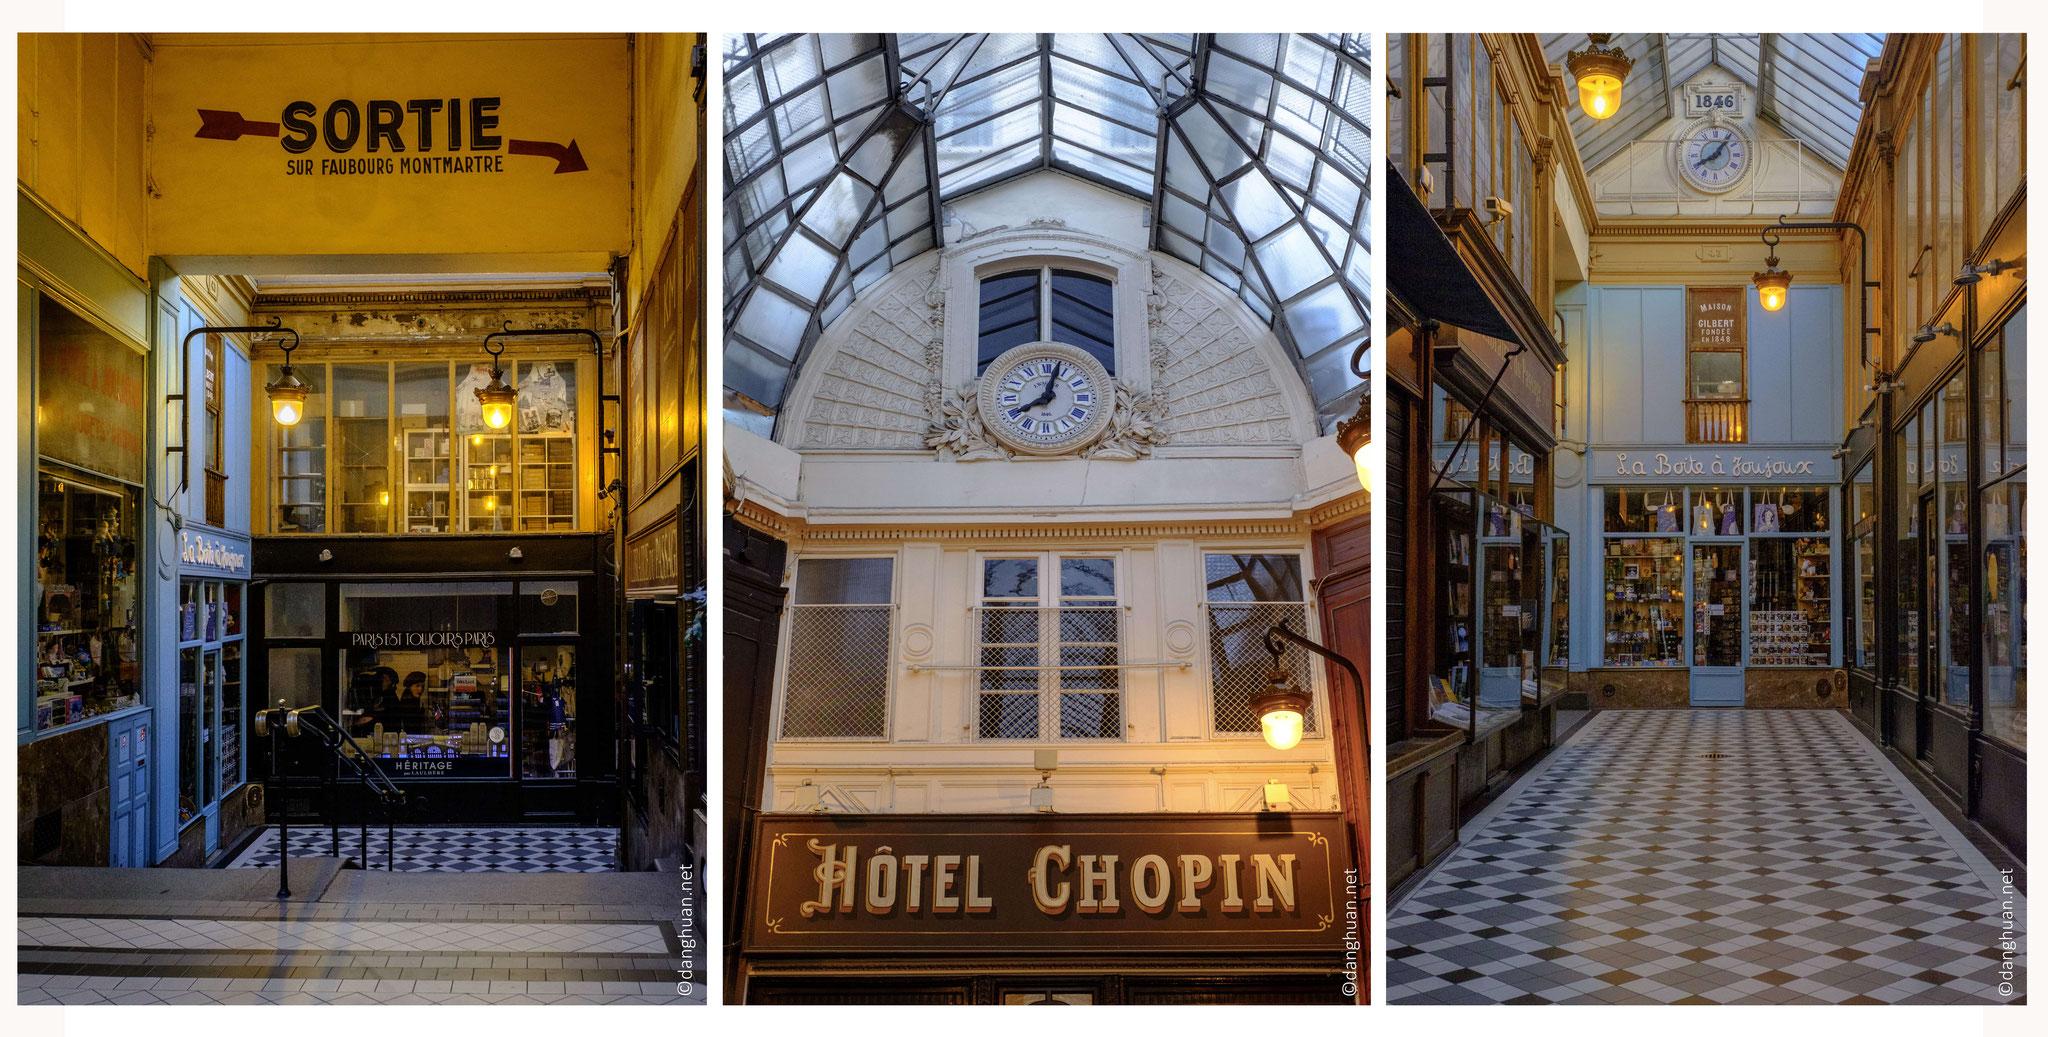 et l'hôtel Chopin.